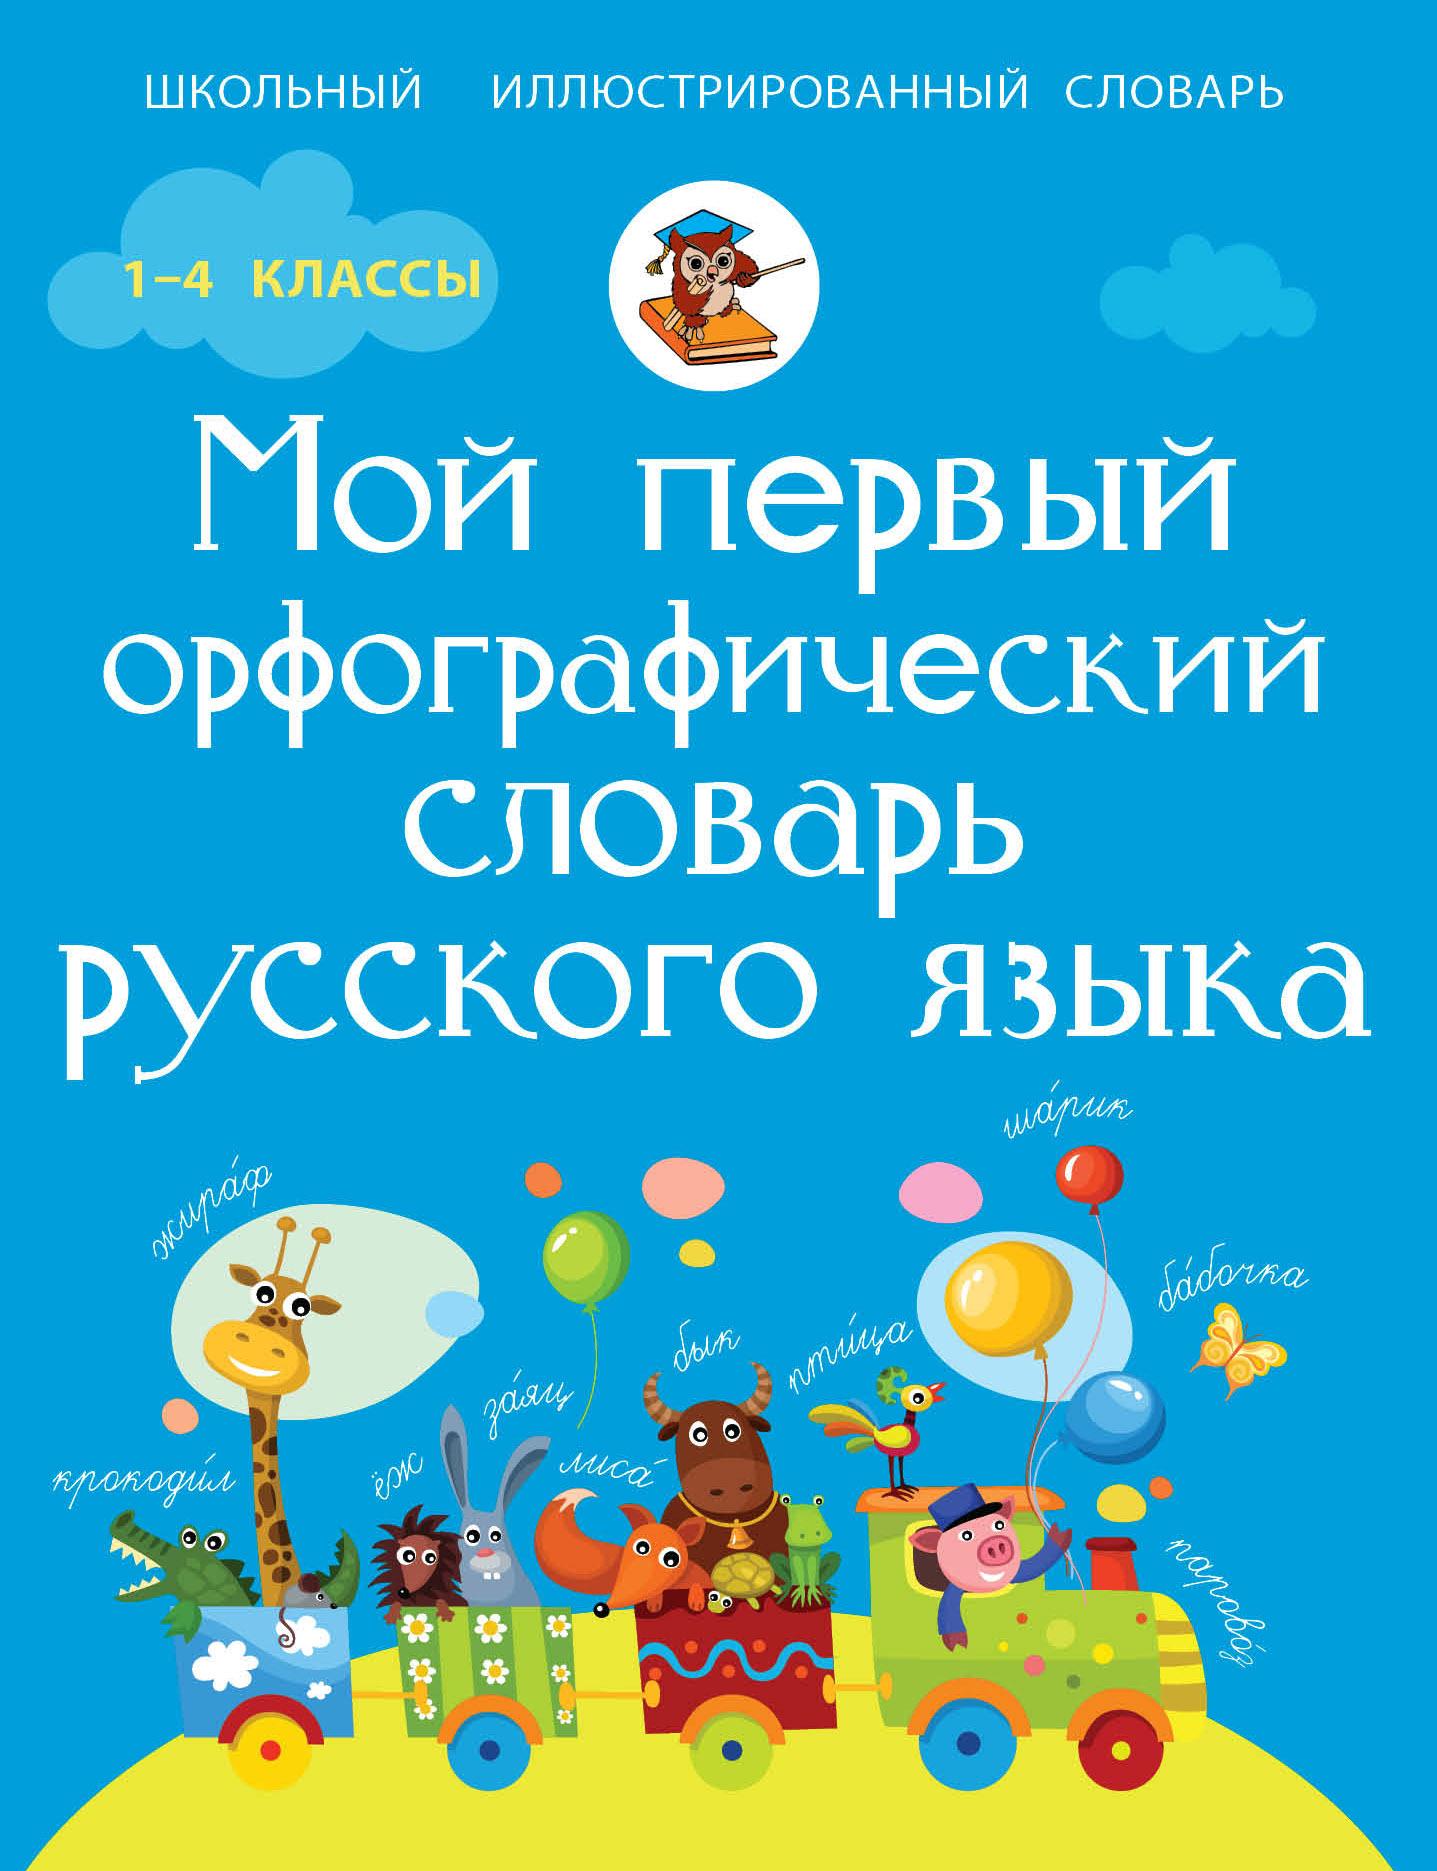 Мой первый орфографический словарь русского языка